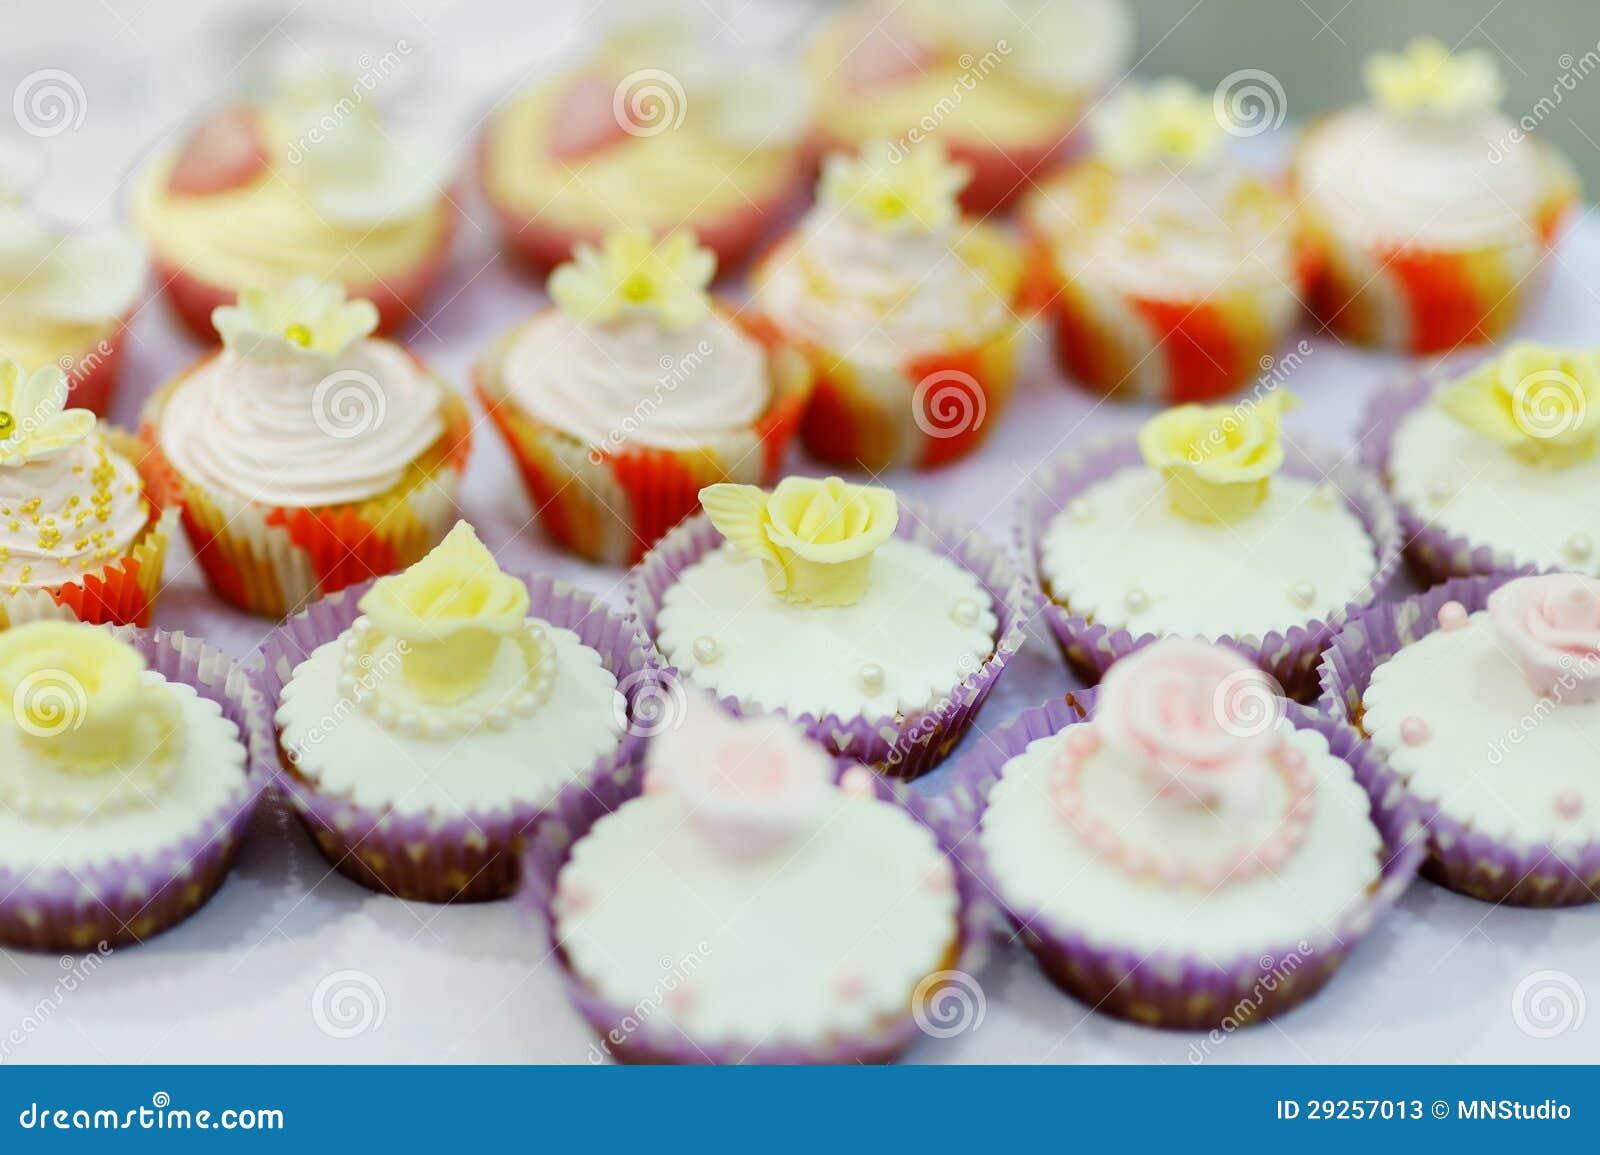 Bunte verzierte kleine kuchen stockfotos bild 29257013 for F rde küchen